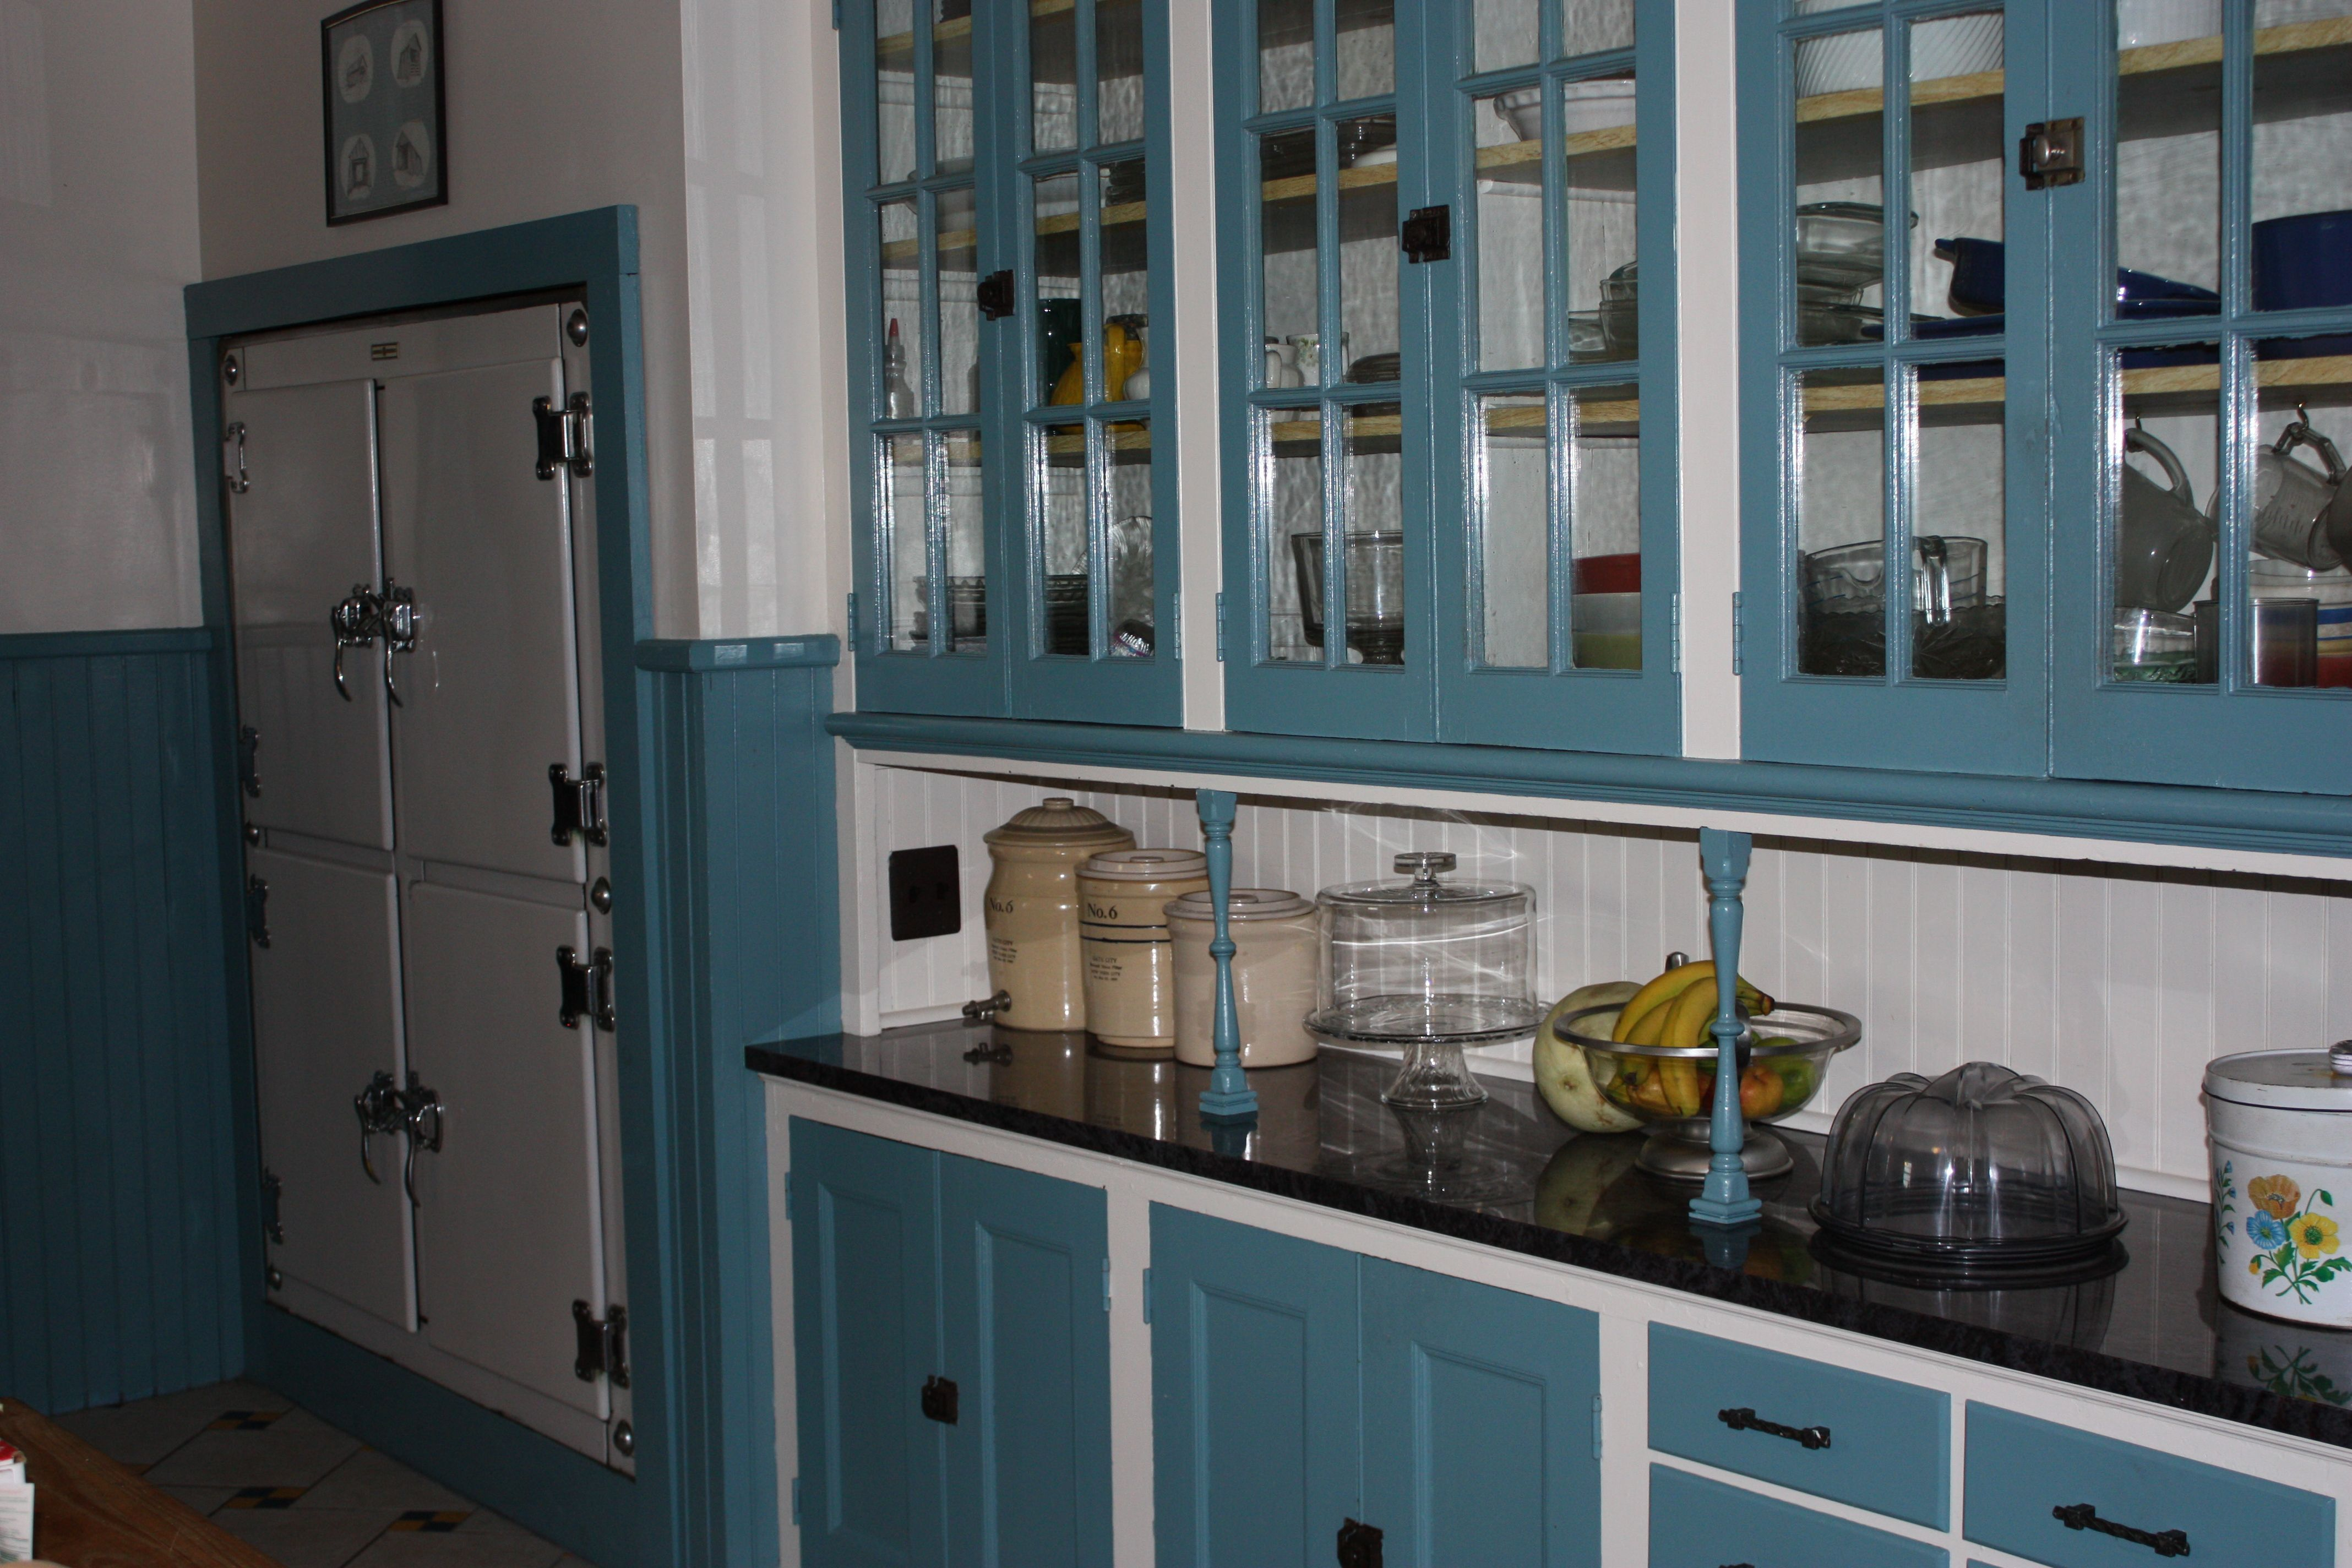 Vintage 1930s Kitchen Cabinets For Storage Ideas Interior Bendut Kitchen Design Styles Kitchen Cabinet Styles 1930s Kitchen